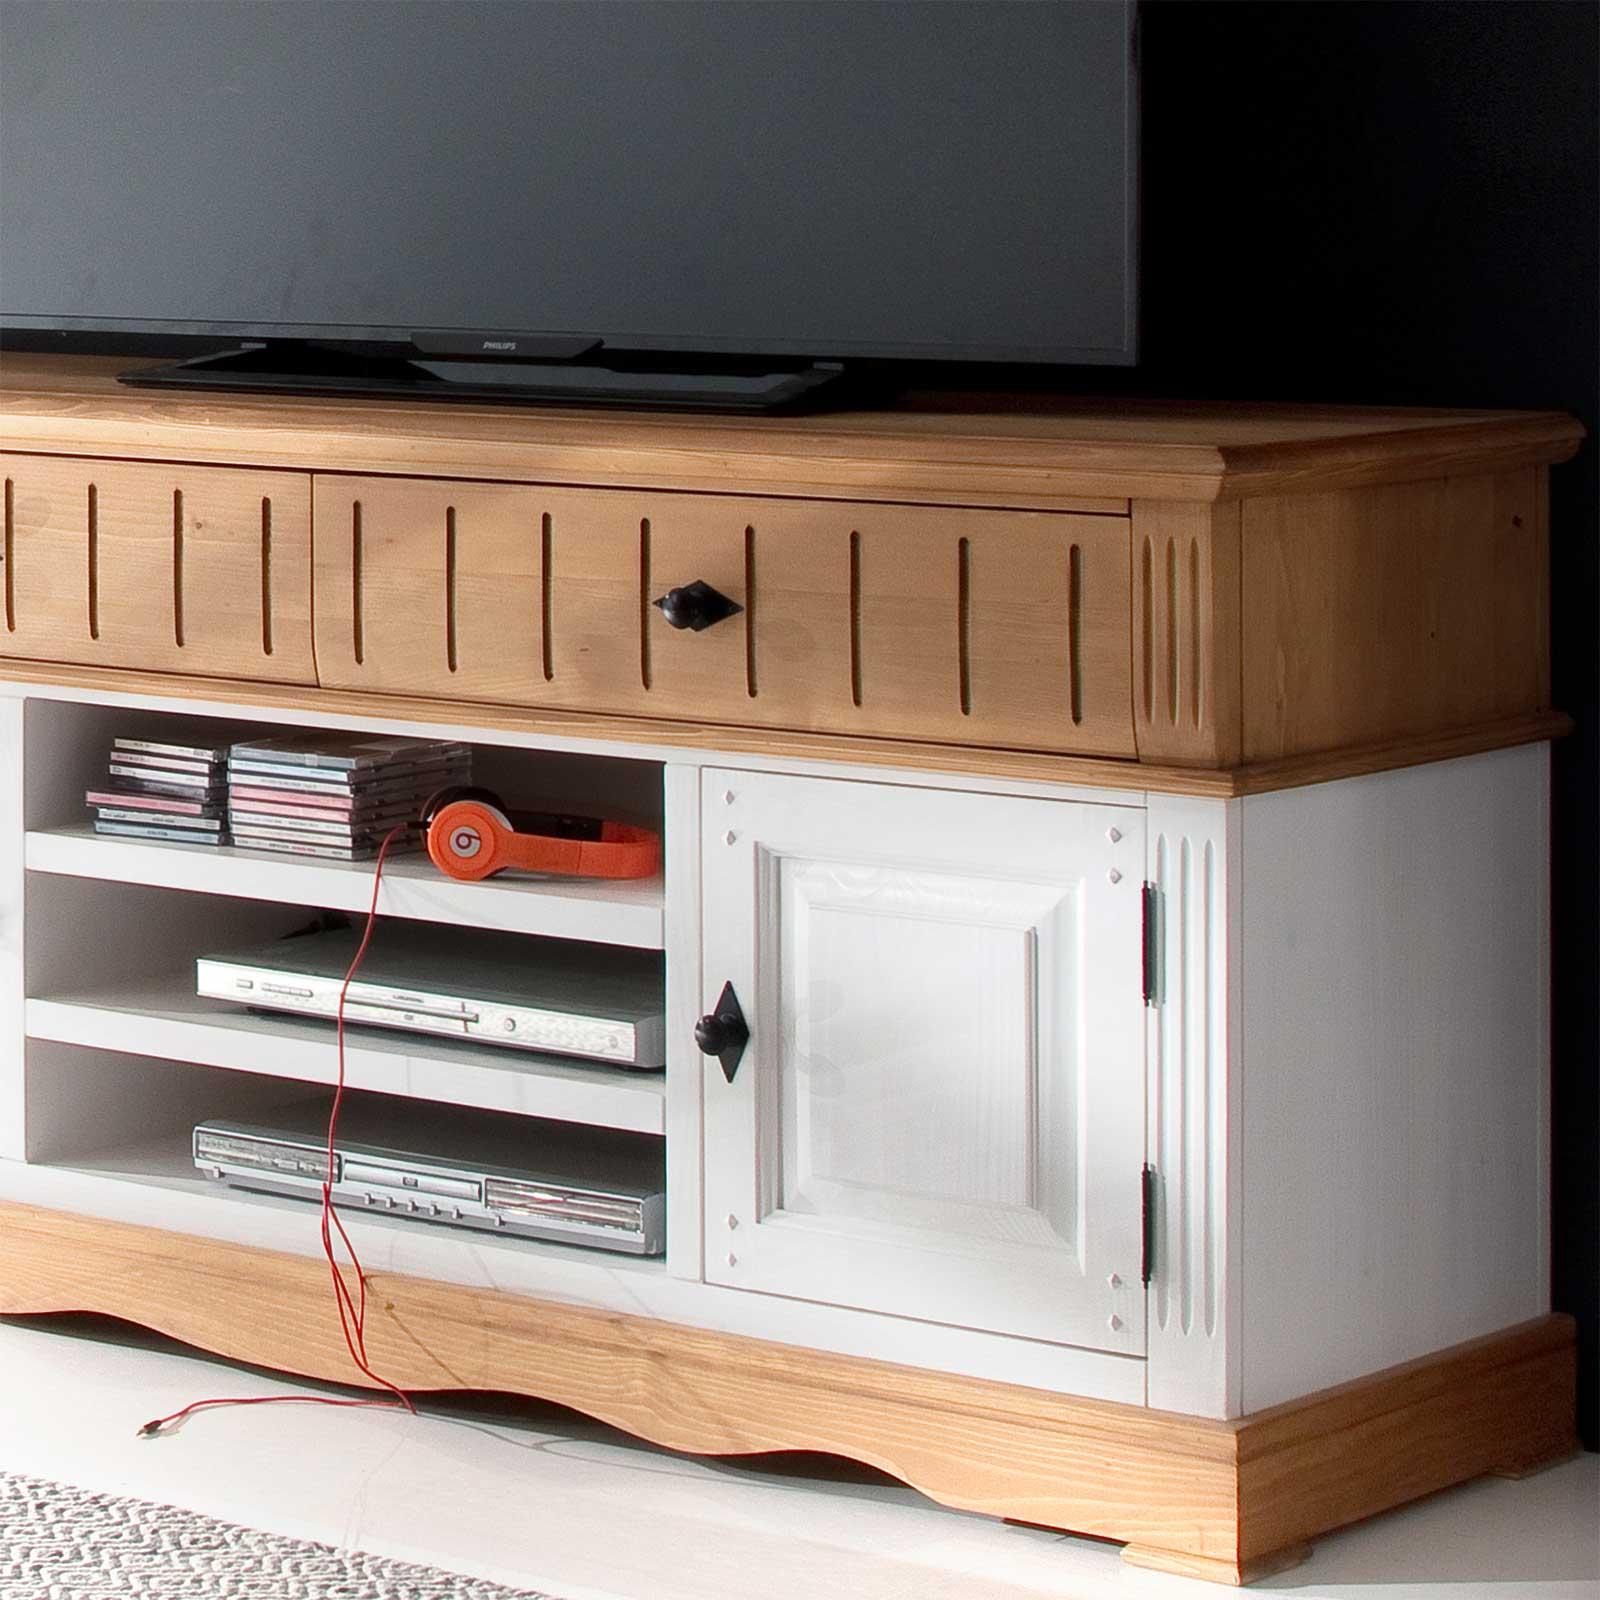 Tv anrichte alby wei natur 160 cm breit pinie massiv for Wohnzimmer 3 5 m breit